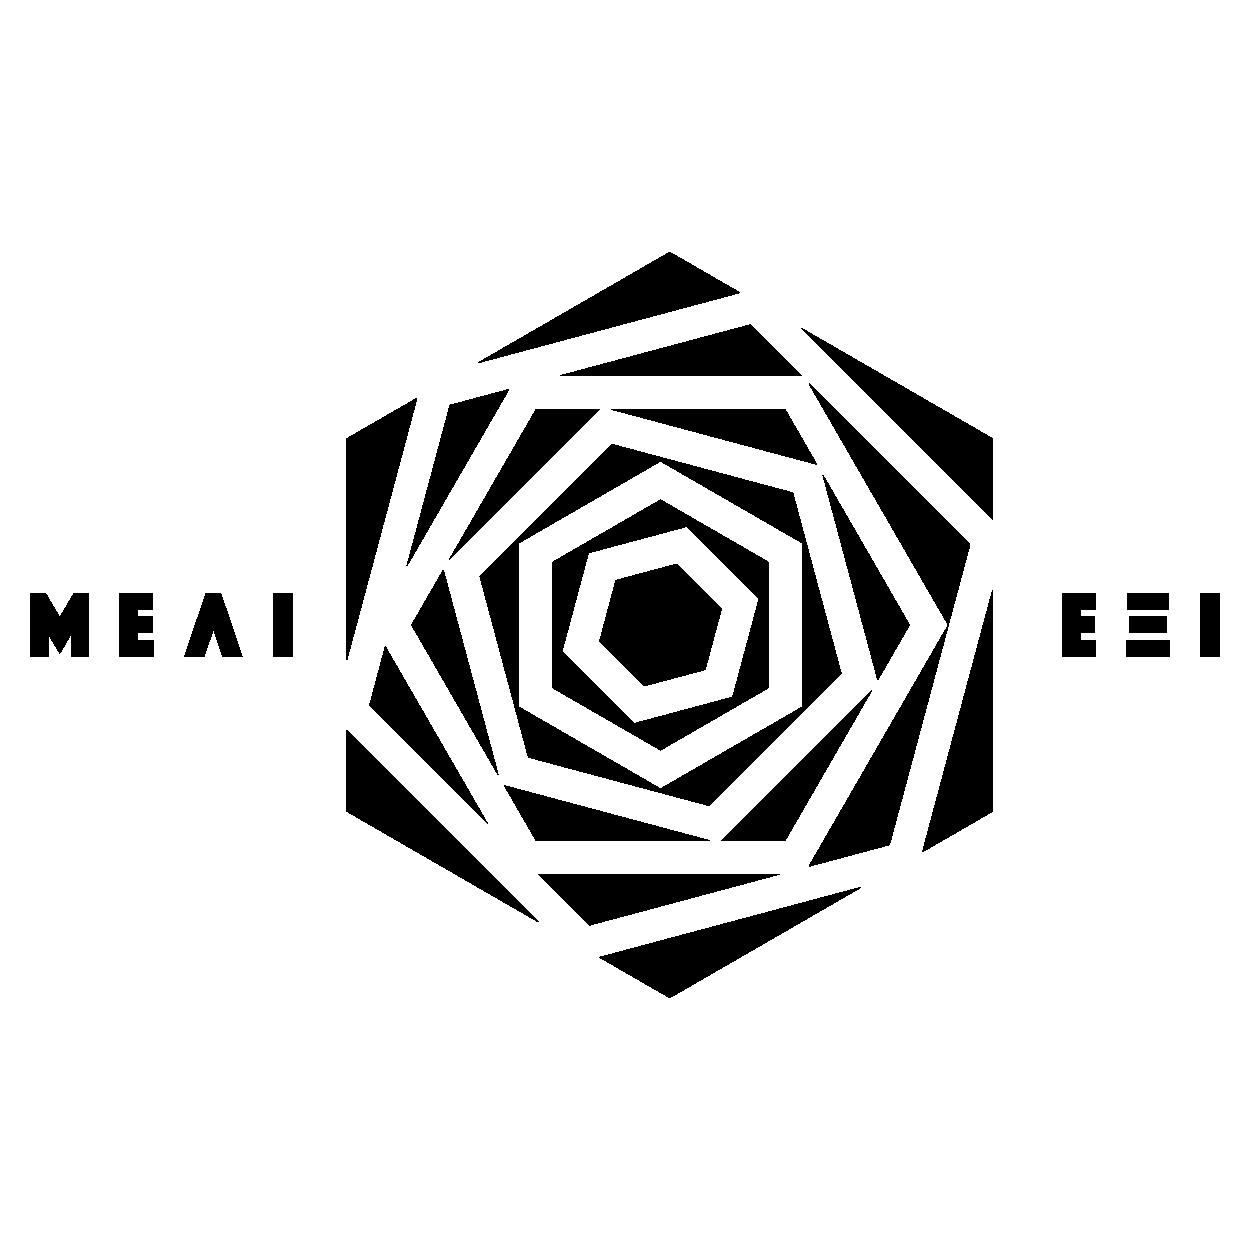 Logos-gia-ikarian-media-03.png